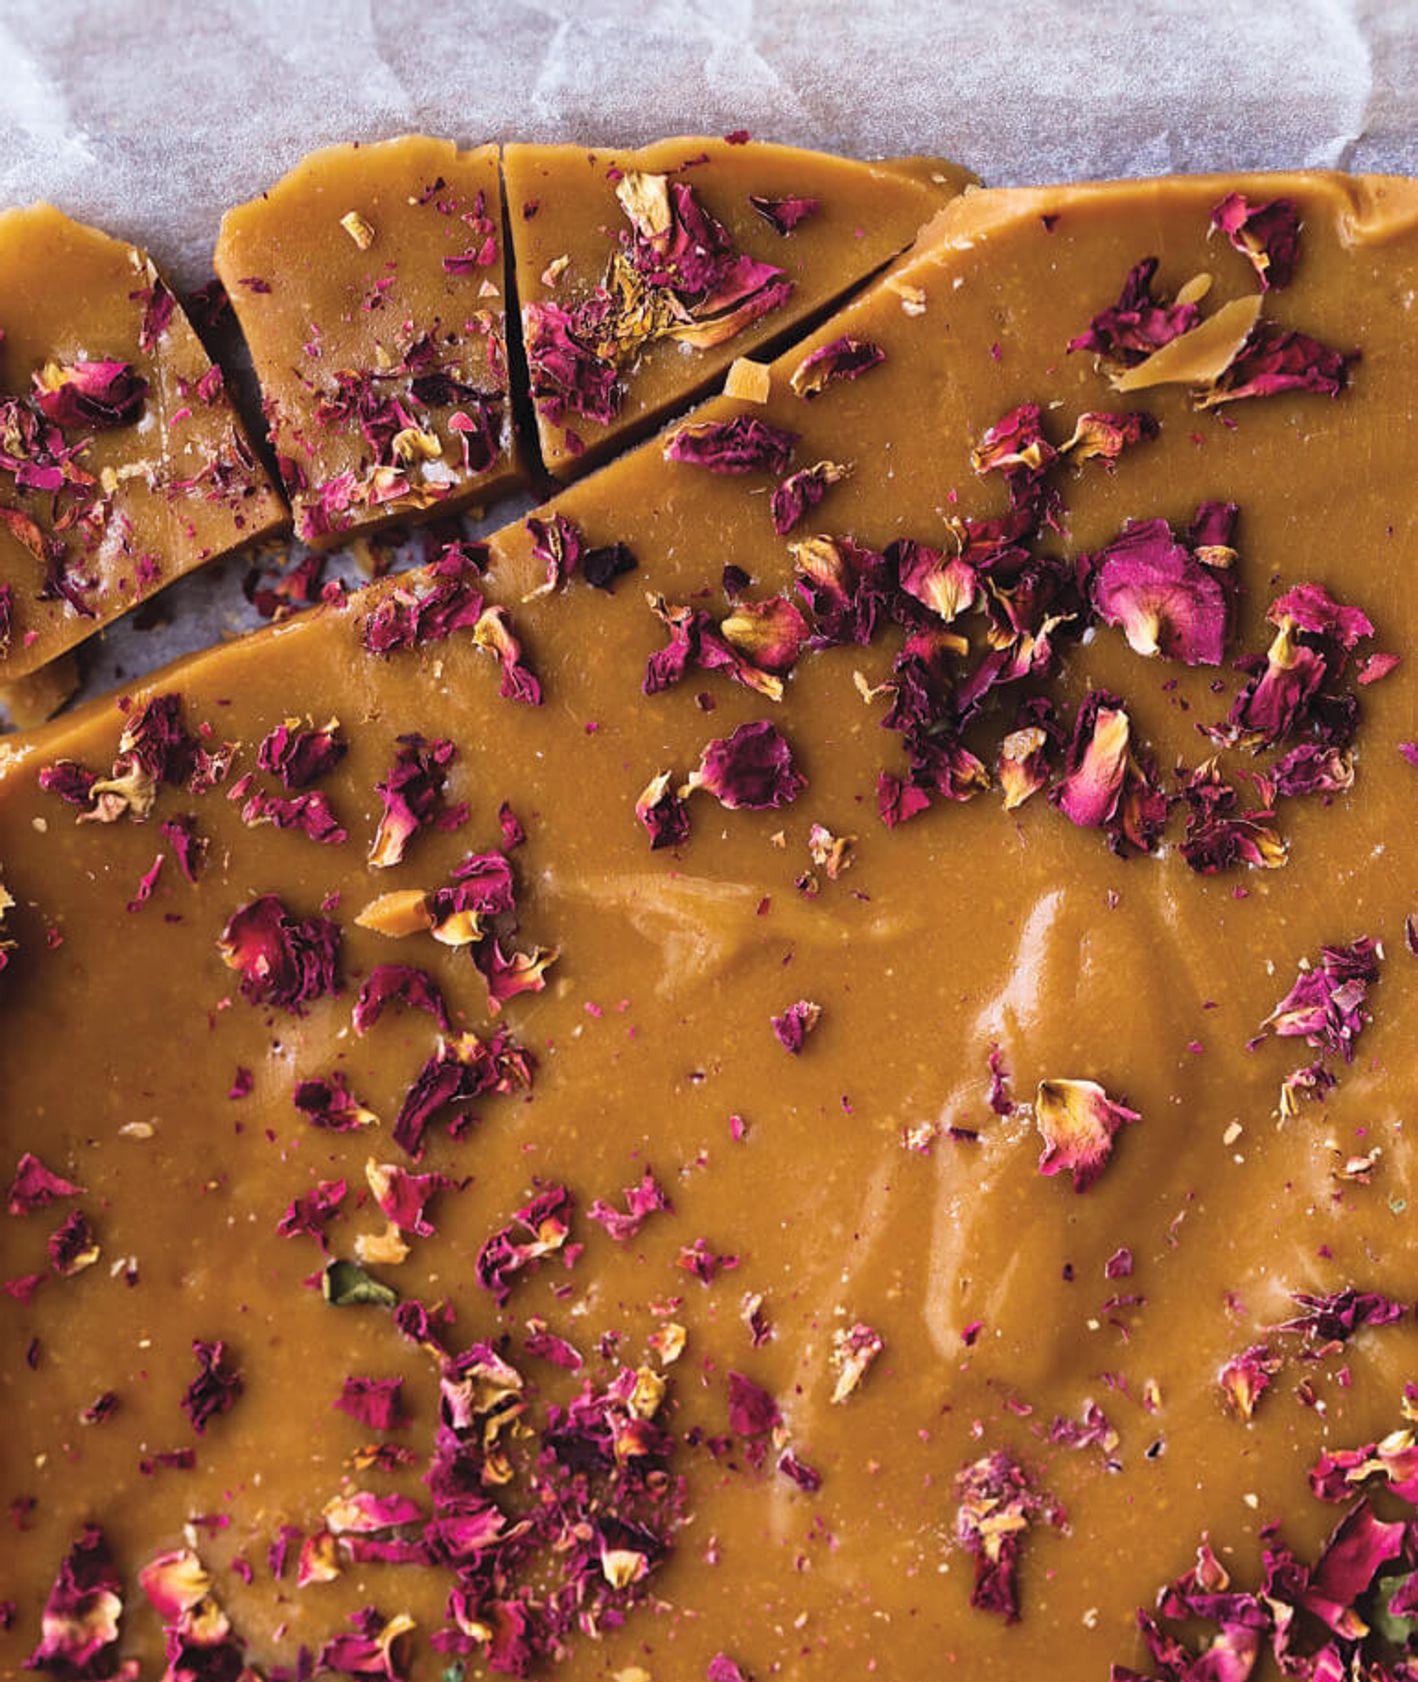 różane karmelki, domowe karmelki, domowe cukierki, cukierki różane, domowa krówka, ciastka różane, przepis Samar Khanafer, domowe słodycze, proste cukierki